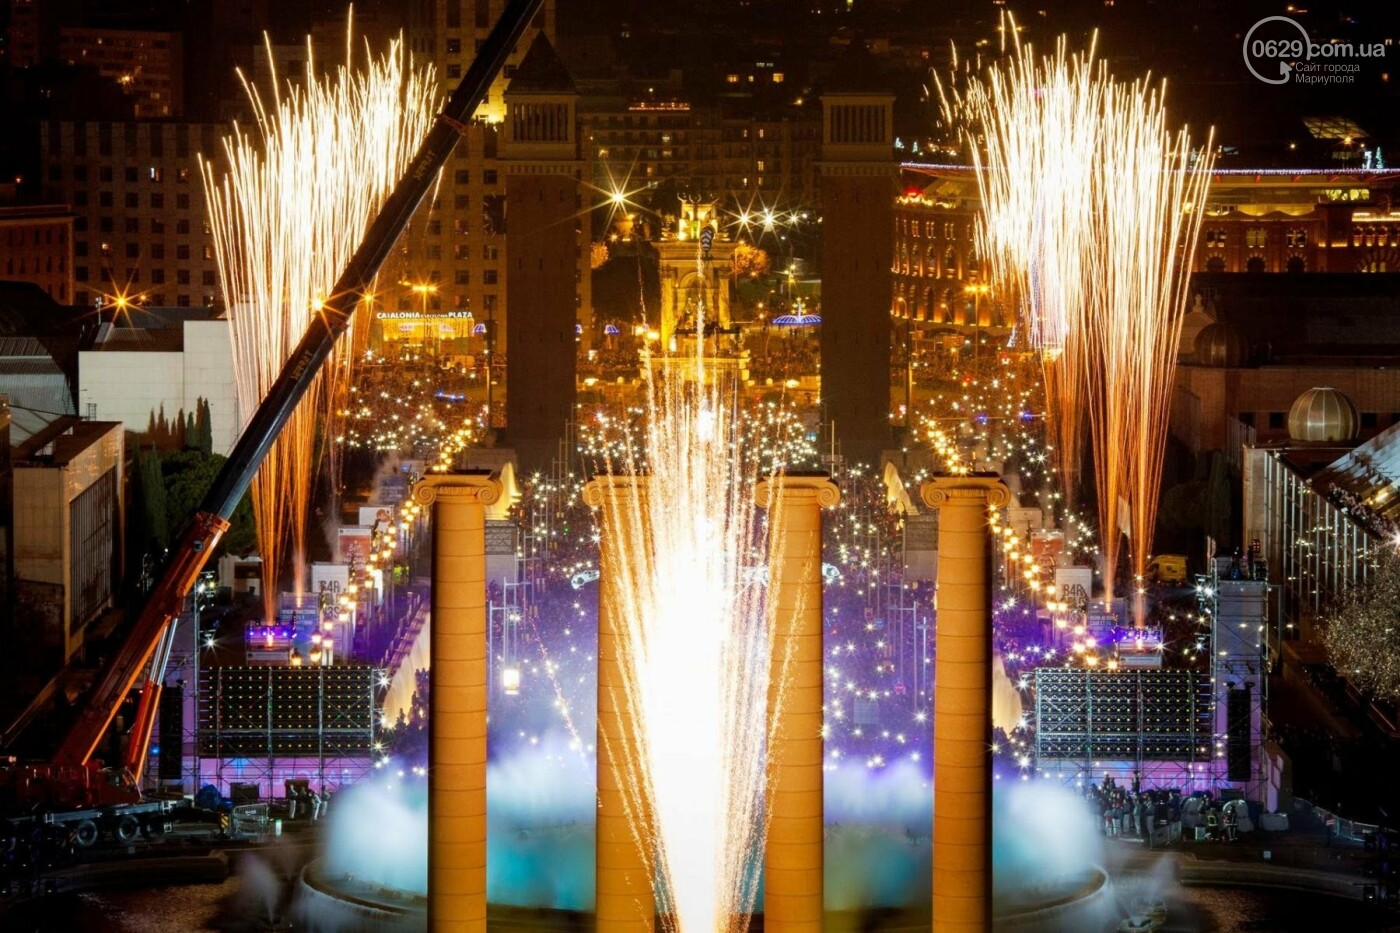 Новый год в Европе: где, как и за сколько (ИНТЕРАКТИВНАЯ КАРТА), фото-26